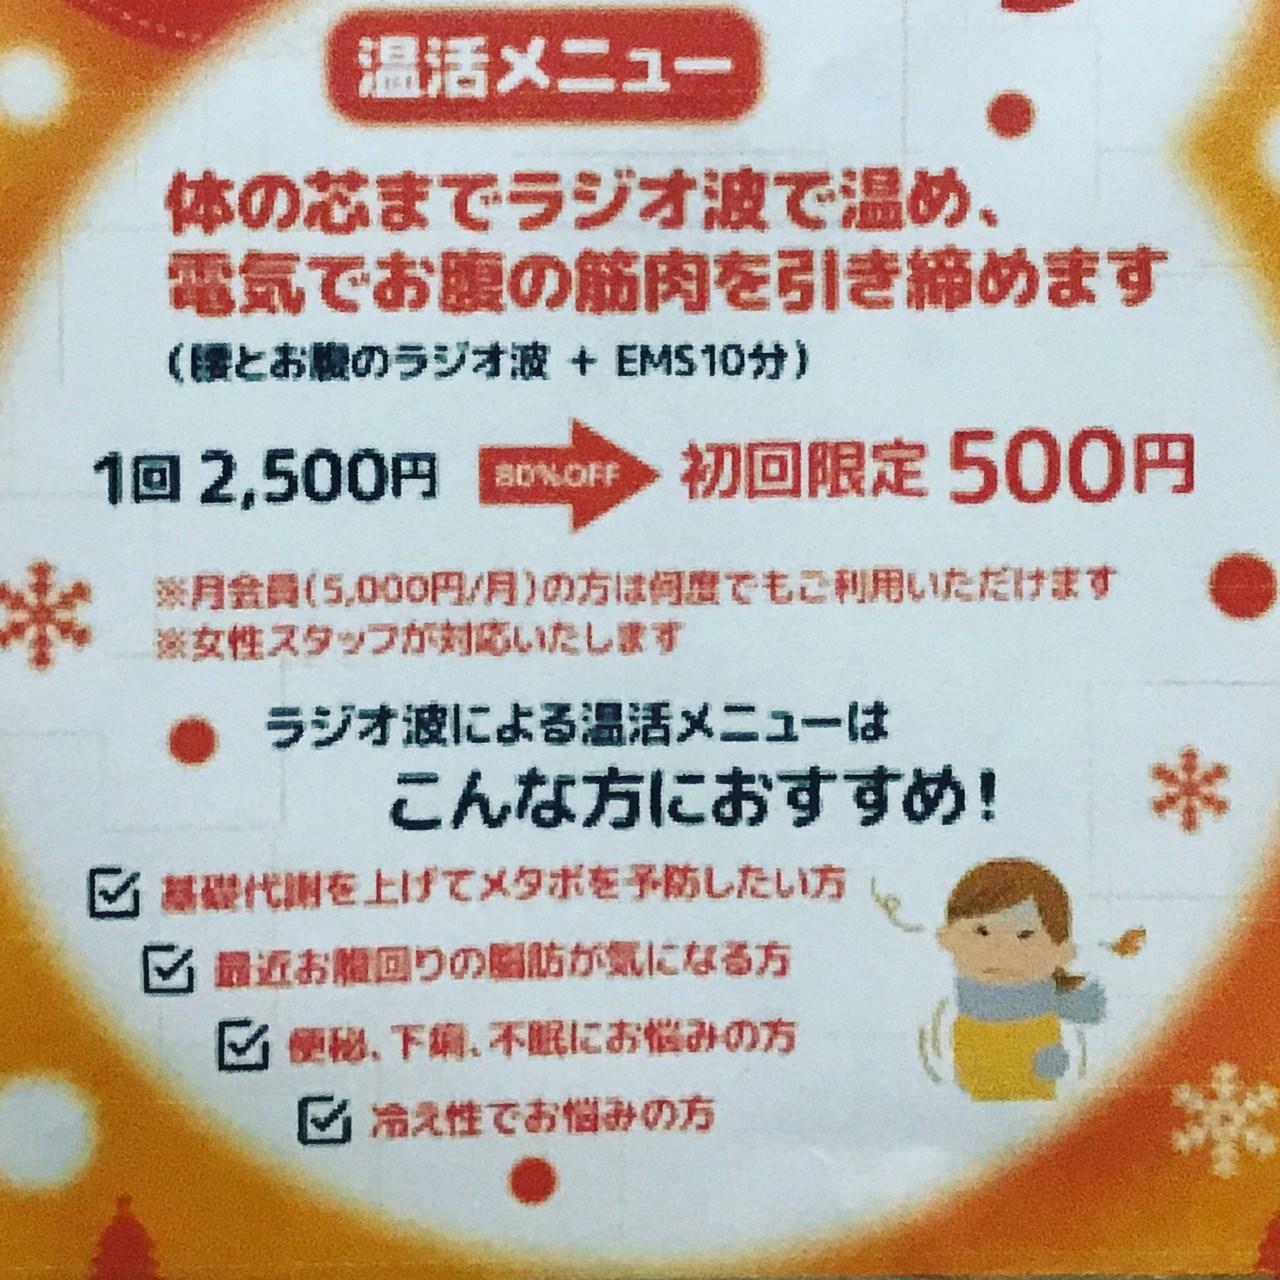 冬の温活キャンペーン